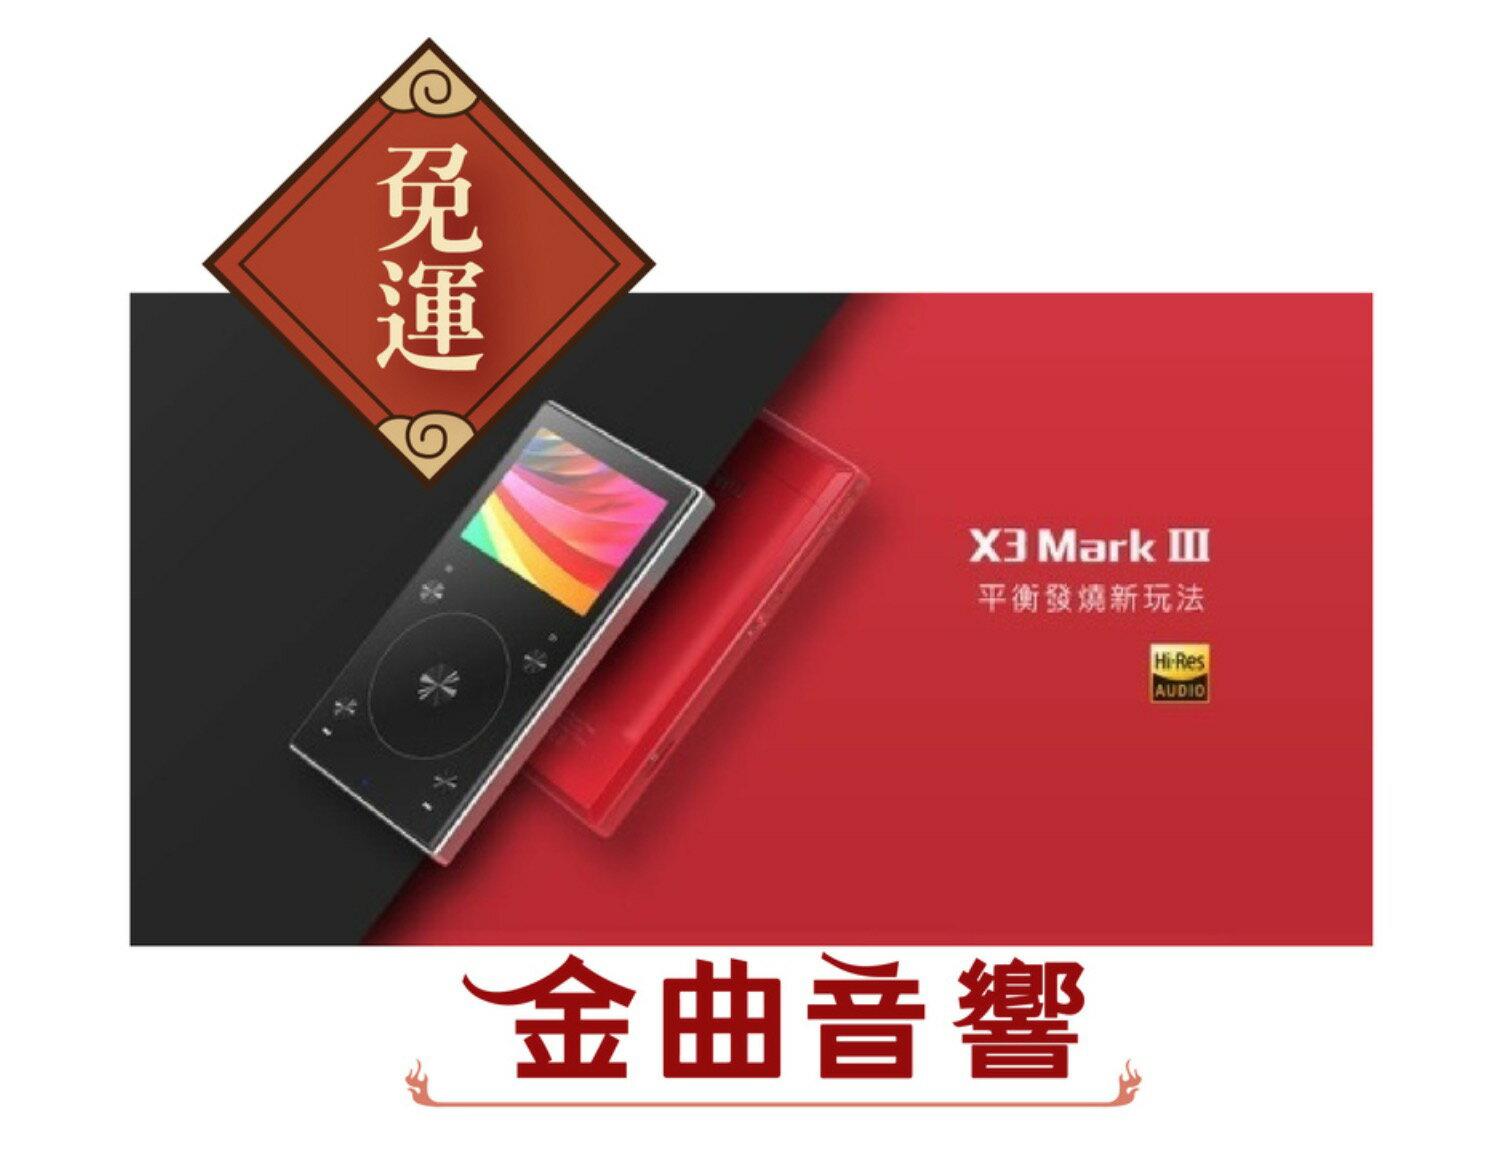 【金曲音響】FIIO X3 III 三代 高音質無損播放器 可插記憶卡 公司貨一年保